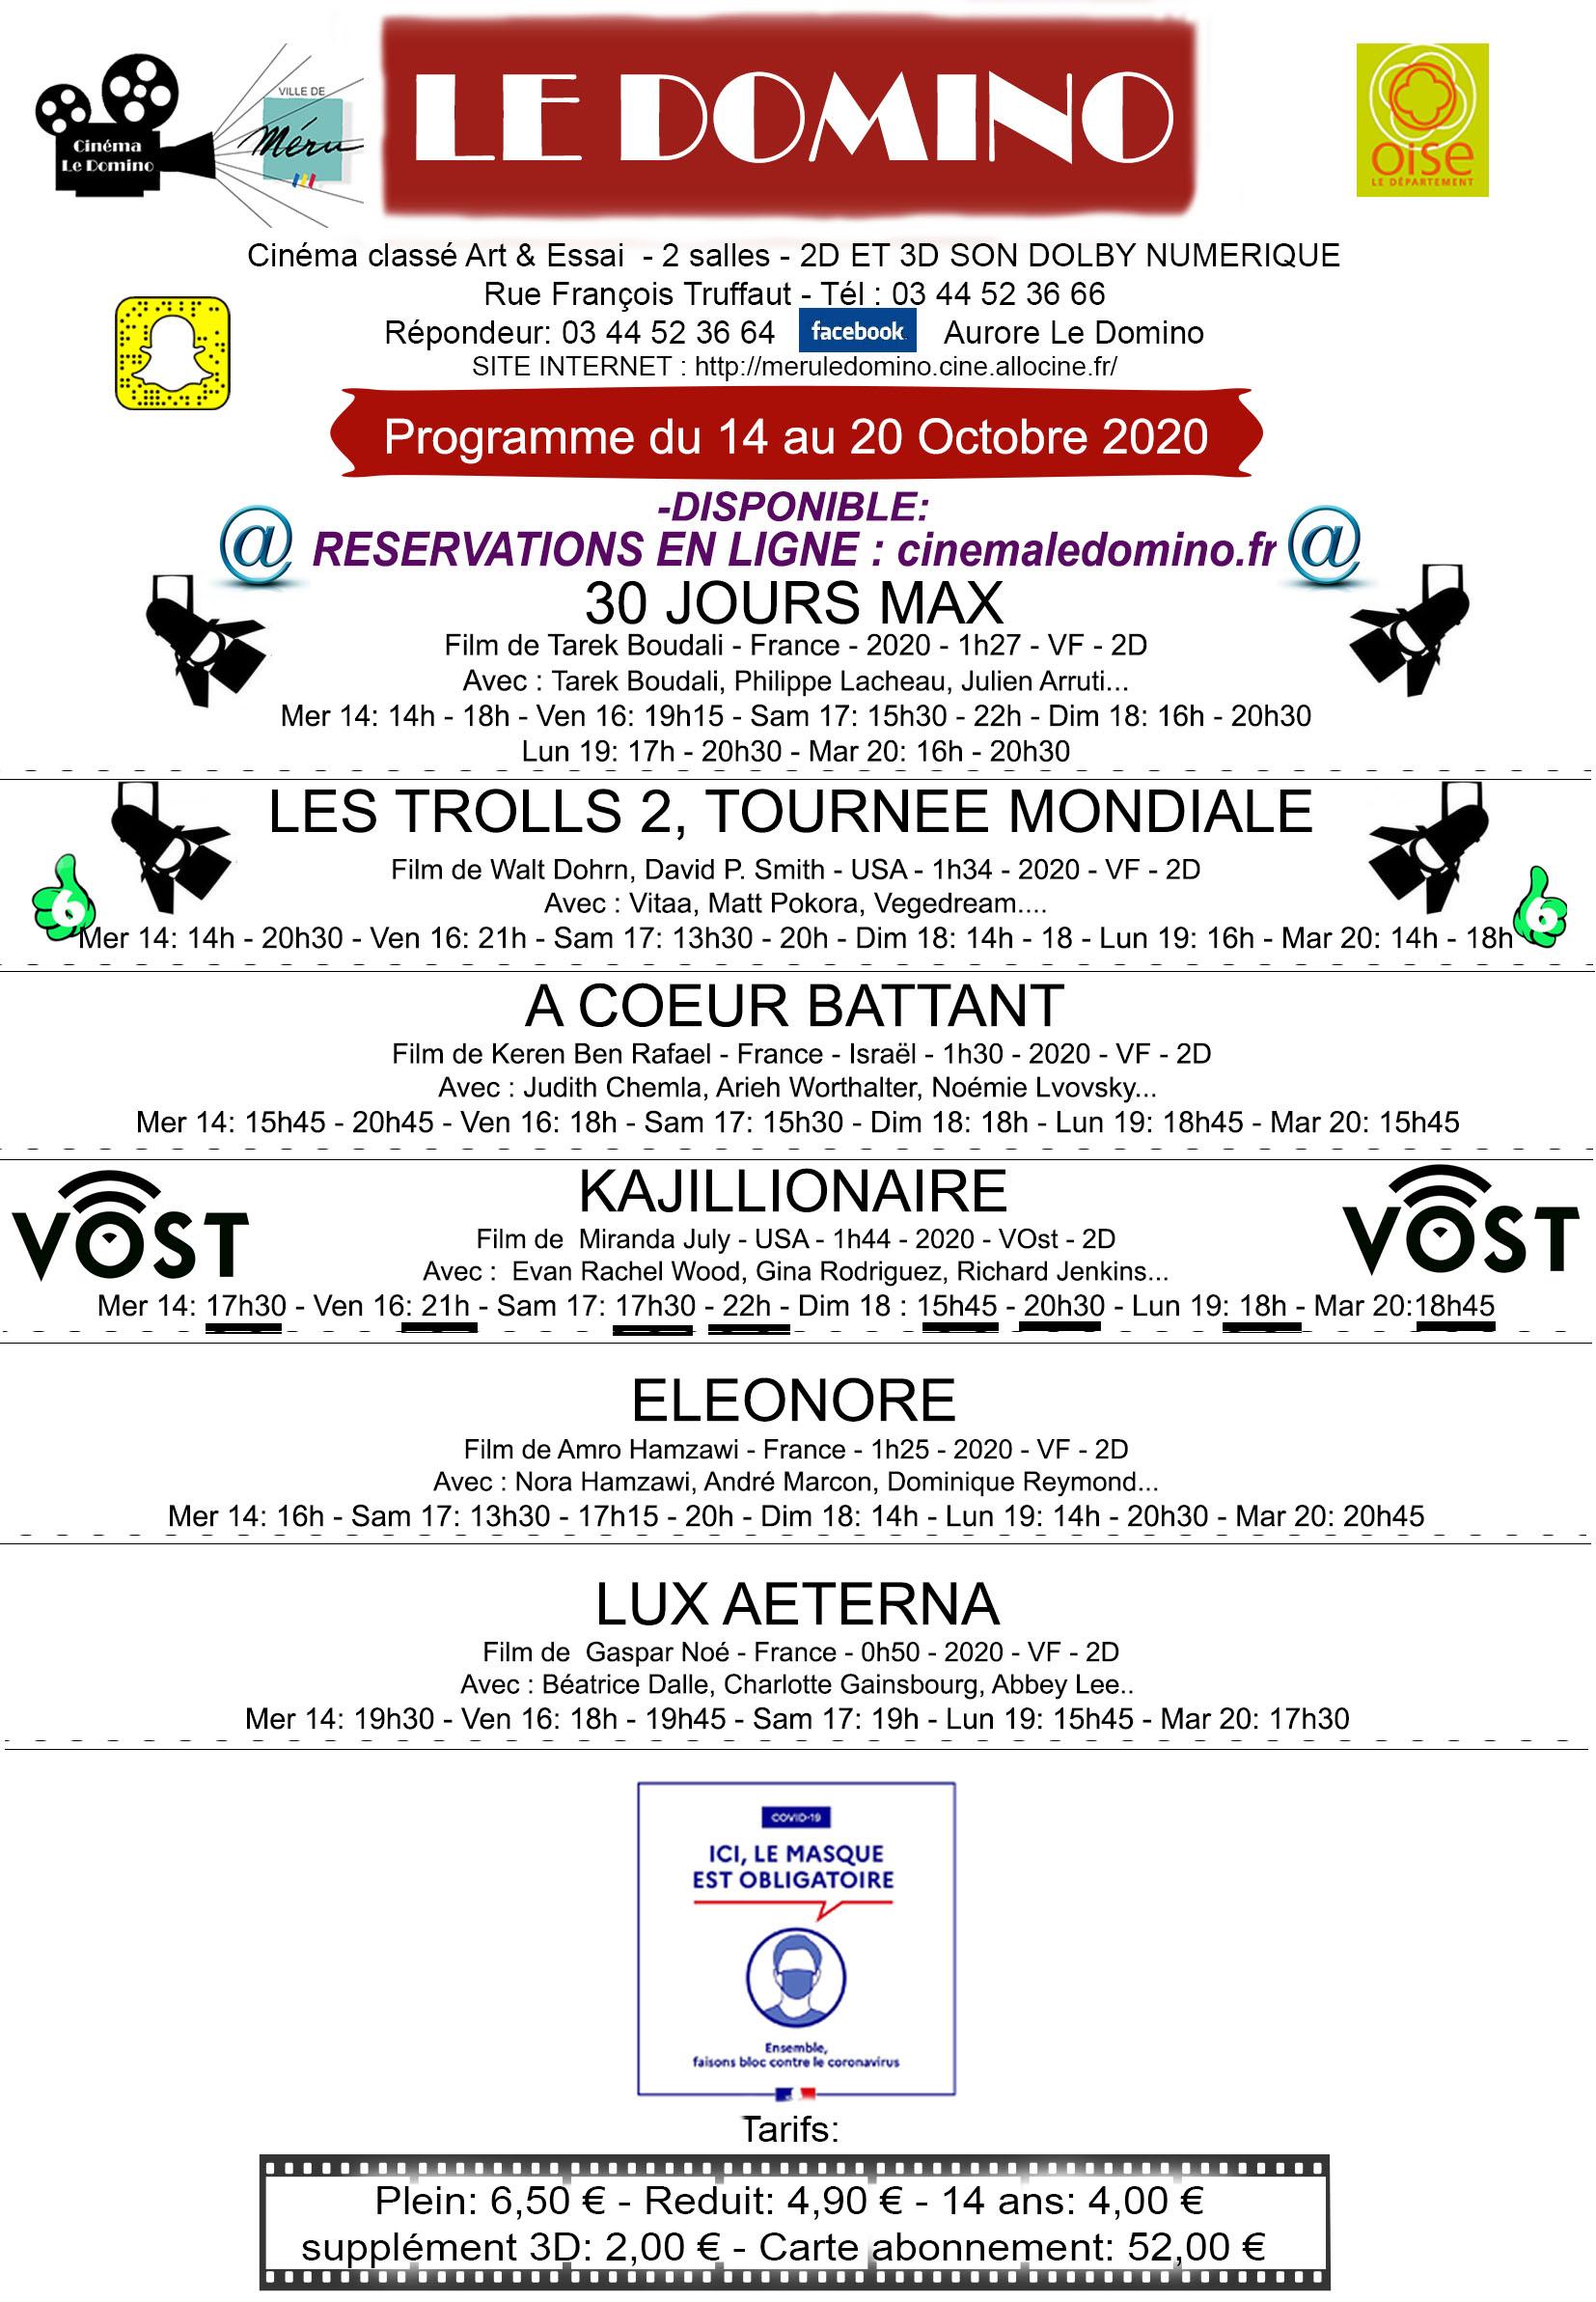 Programme cinéma Le Domino, crédit photo : Cinéma Le Domino